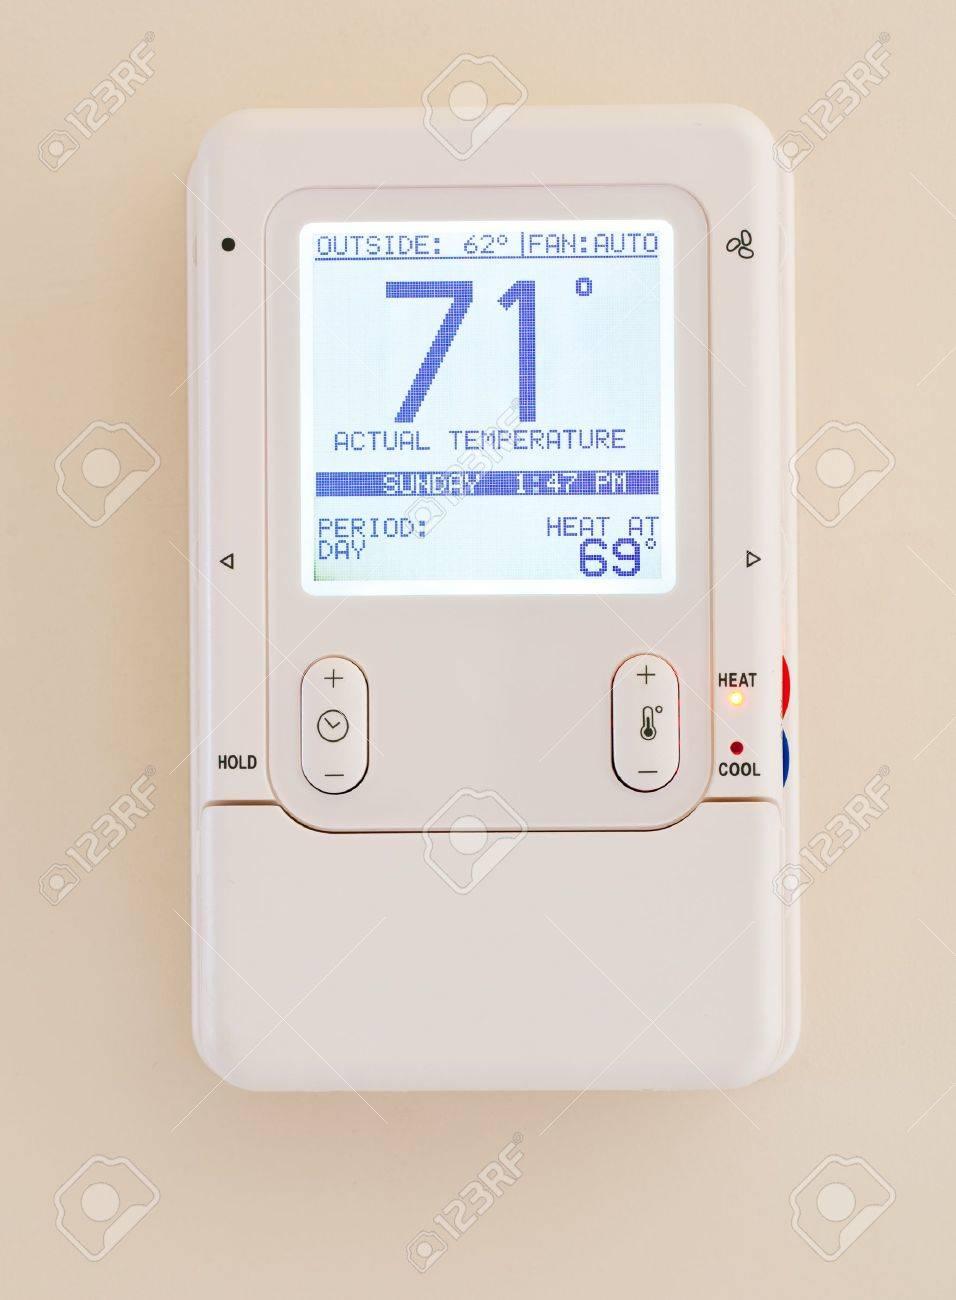 Großzügig Schaltplan Für Thermostat Der Klimaanlage Ideen ...